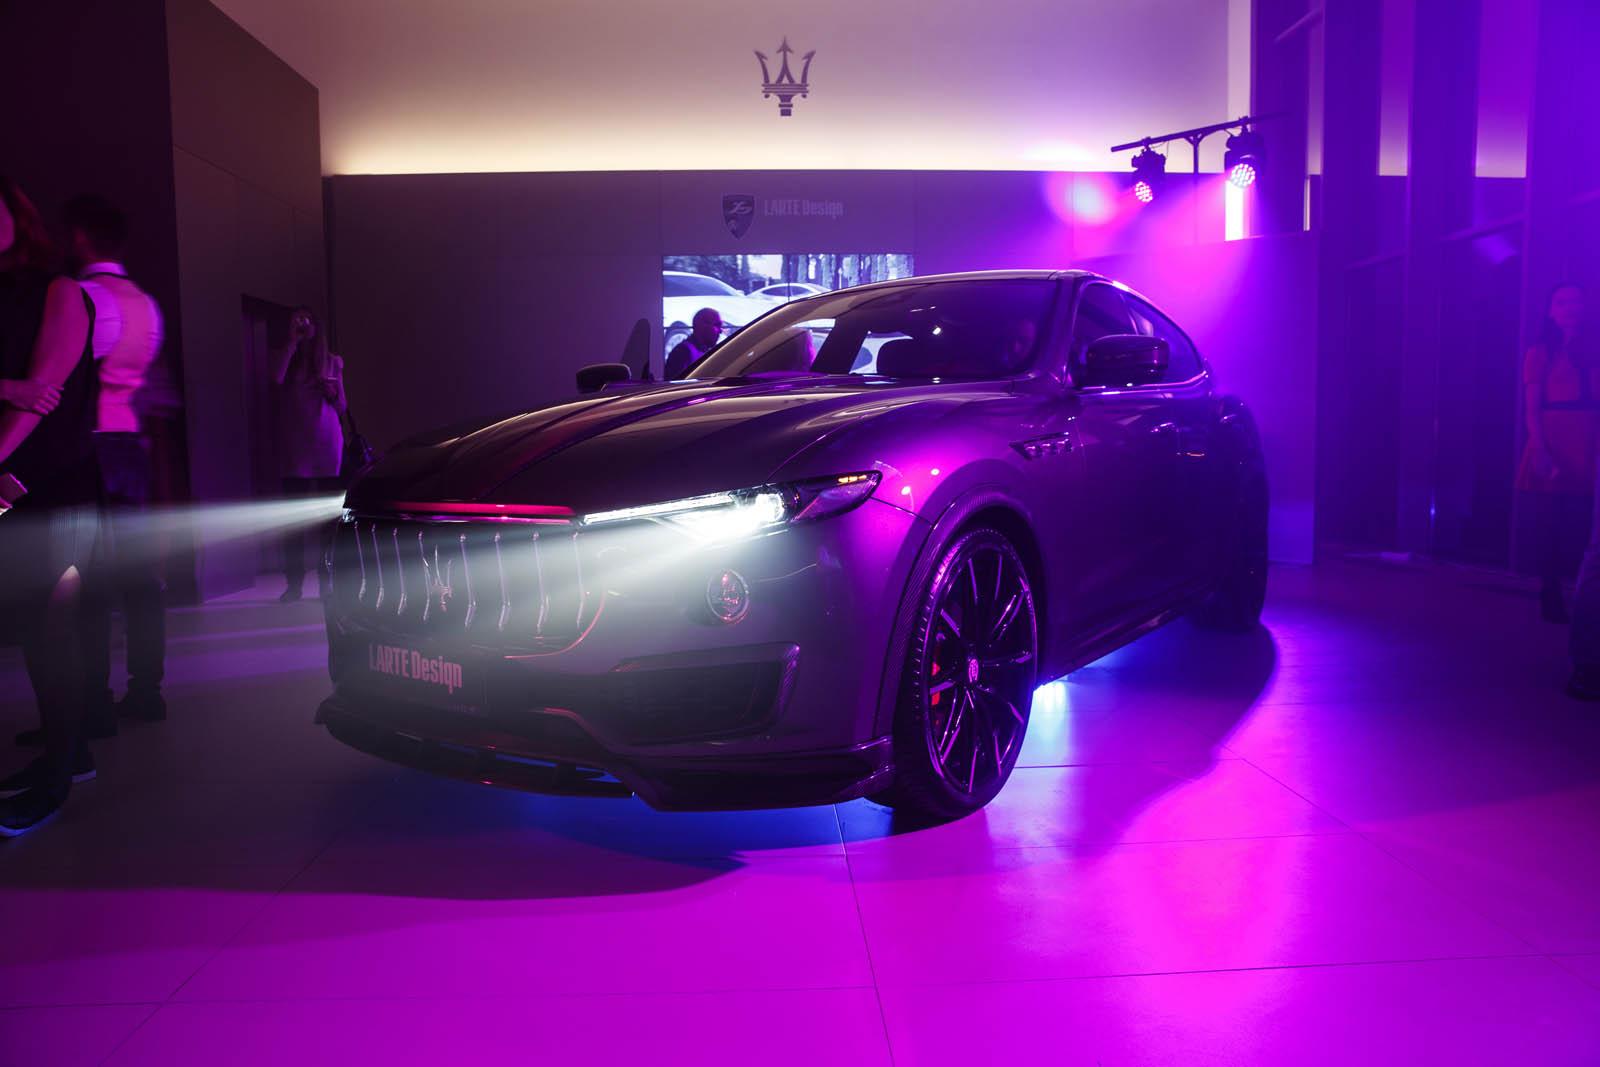 Maserati Levante S by Larte Design (18)